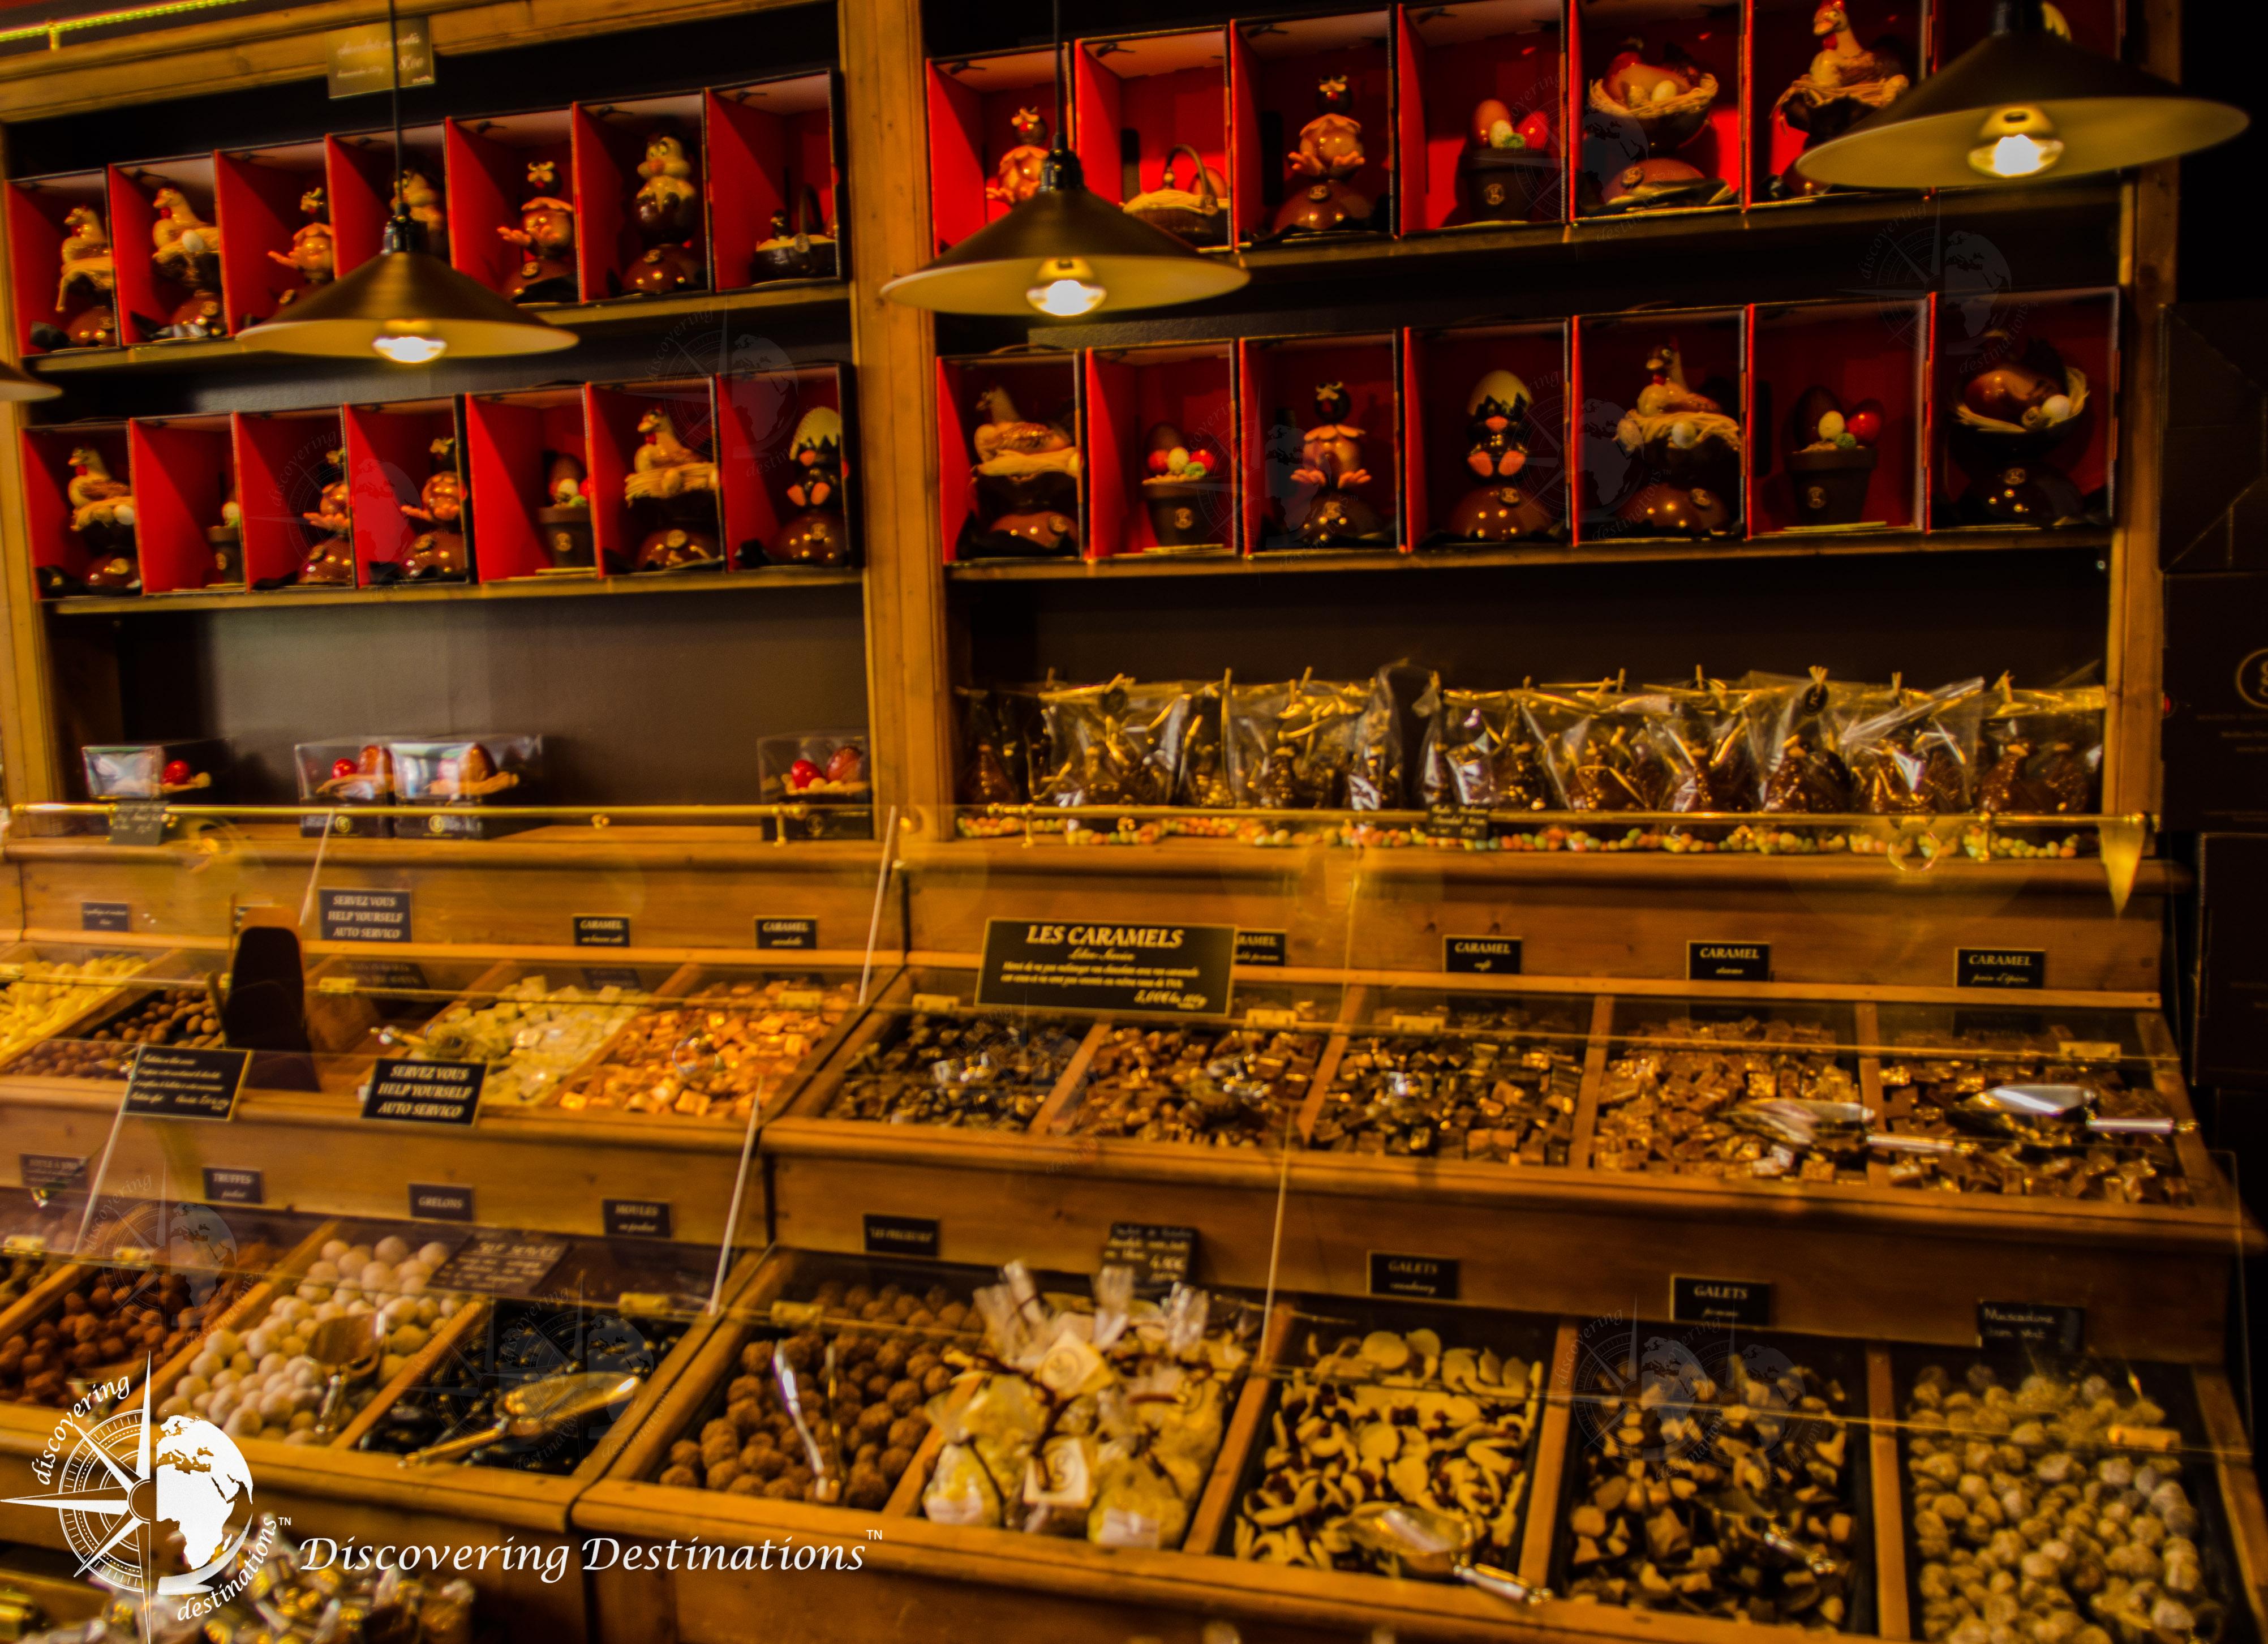 Discovering chocolates - Paris